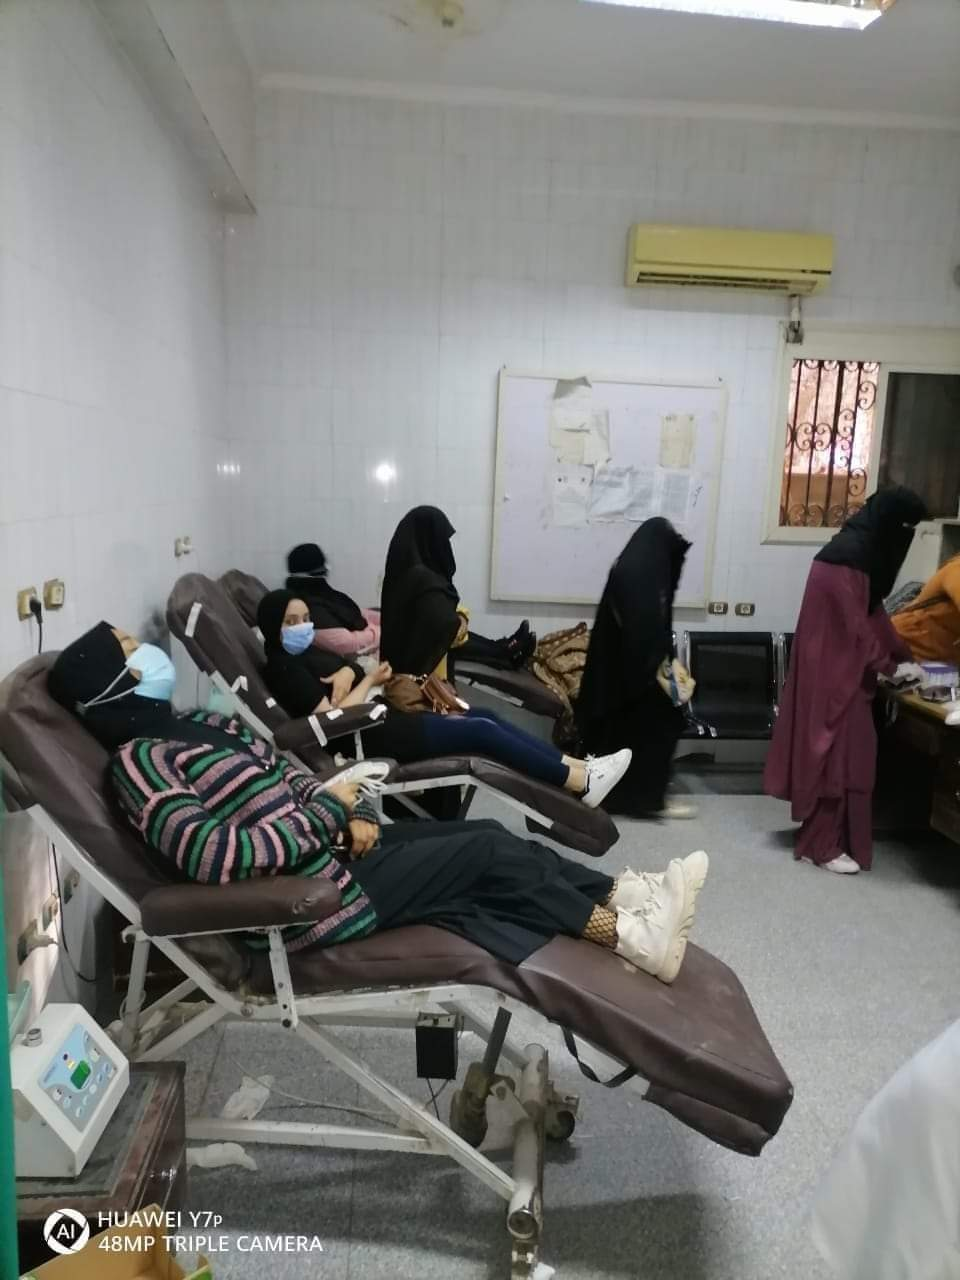 مدير مستشفى سوهاج الجامعي: ملحمة من الطلاب والمواطنين في التبرع بالدم لضحايا حادث القطار